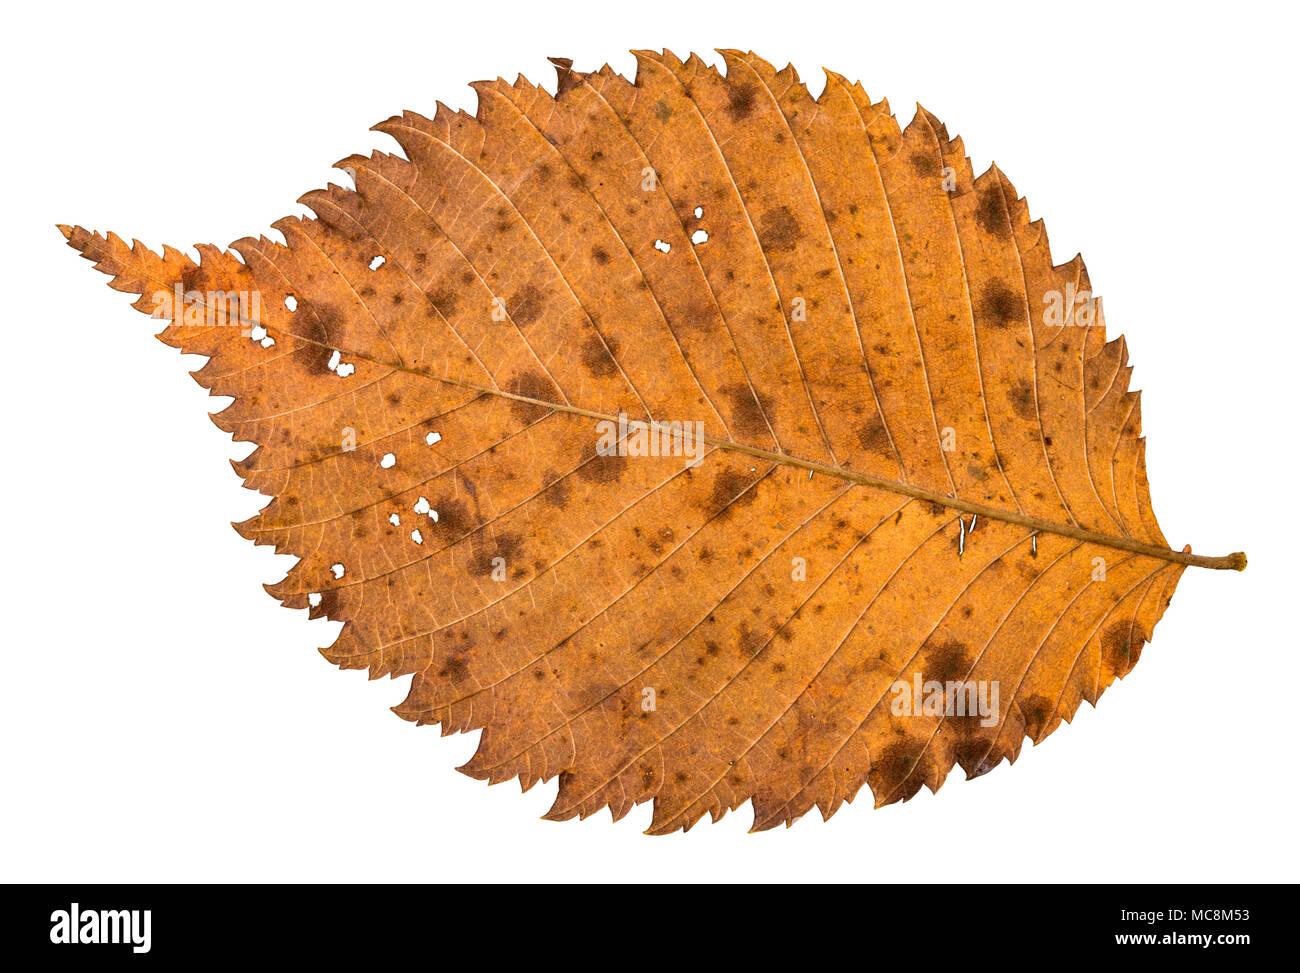 Rückseite der Herbst abgeklungen holey Blatt von Elm Tree auf weißem Hintergrund Stockbild